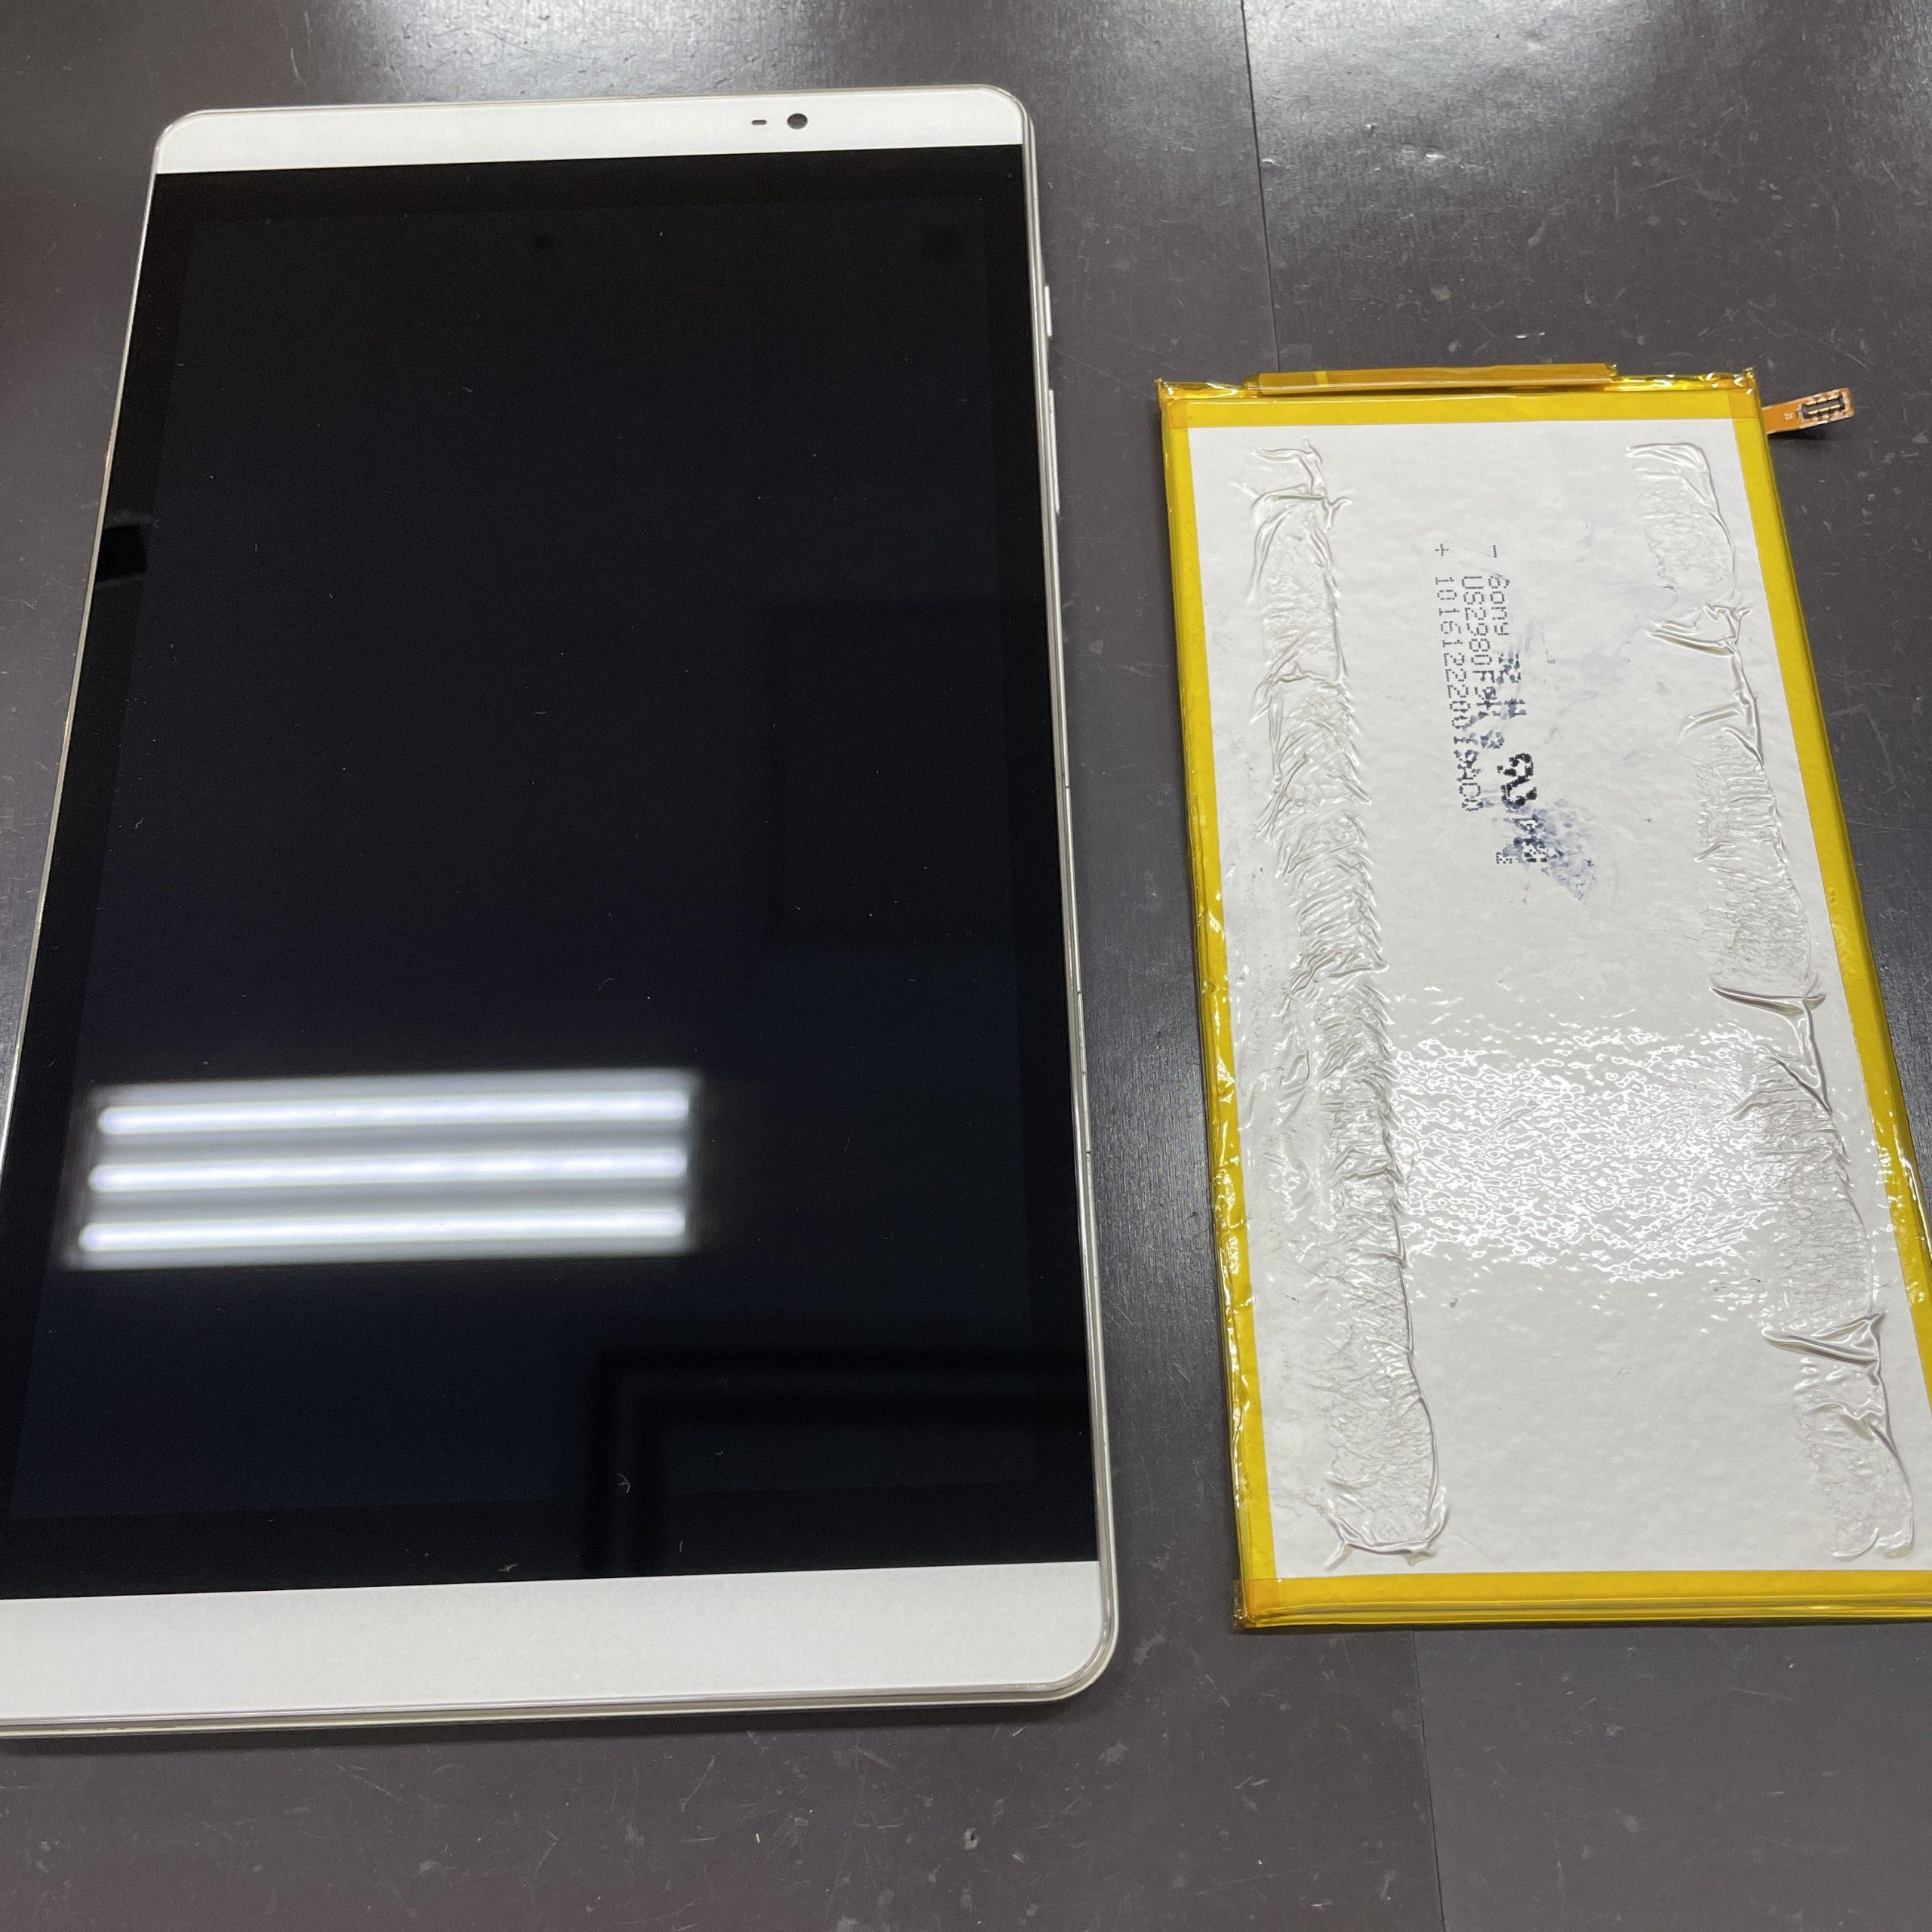 d tabののバッテリー交換をしました✨【佐賀市iPhone修理店|佐賀市よりご来店】